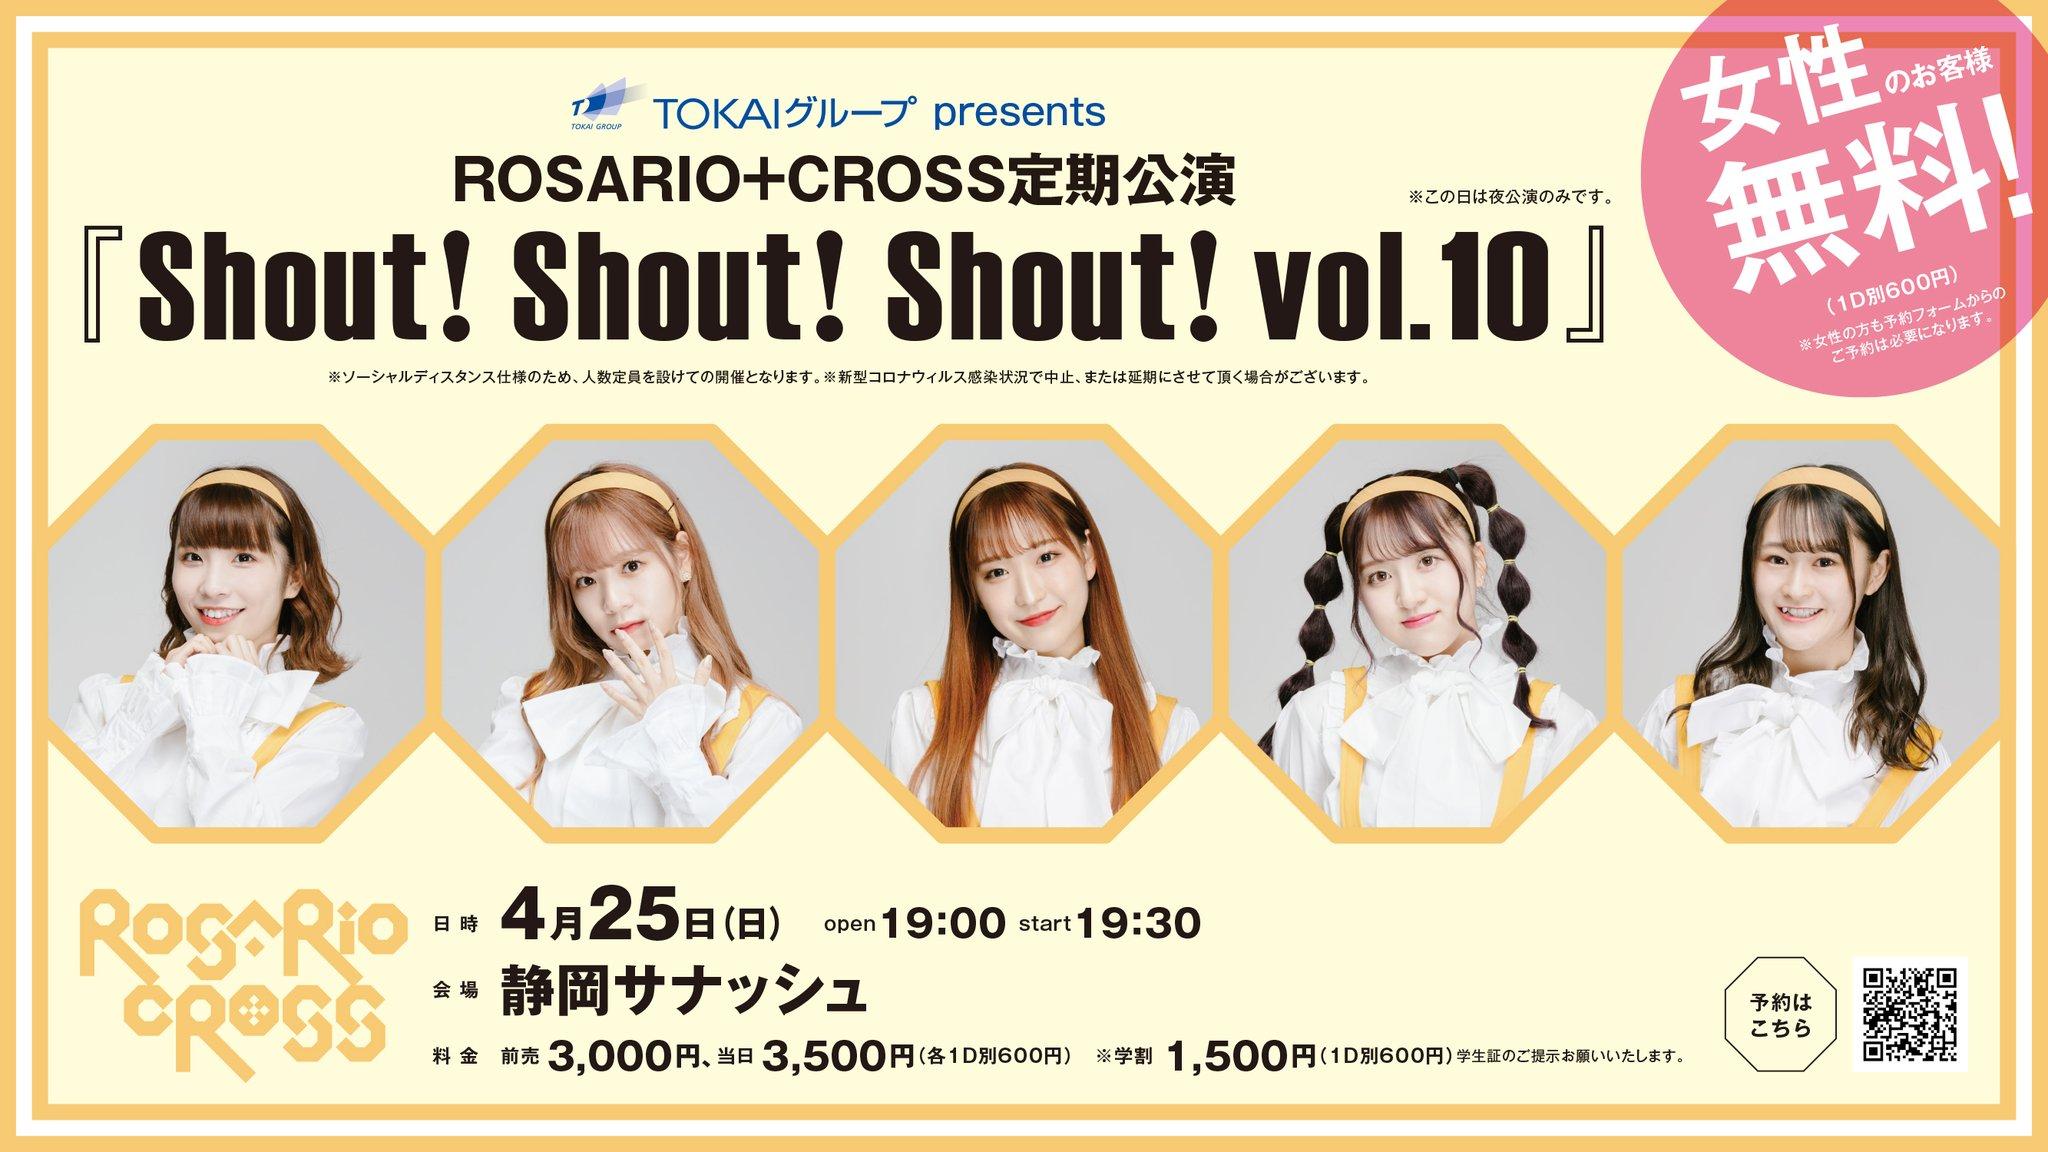 4/25(日)【ROSARIO+CROSS】TOKAI Presents「Shout! Shout! Shout! vol.10」《夜公演のみ》